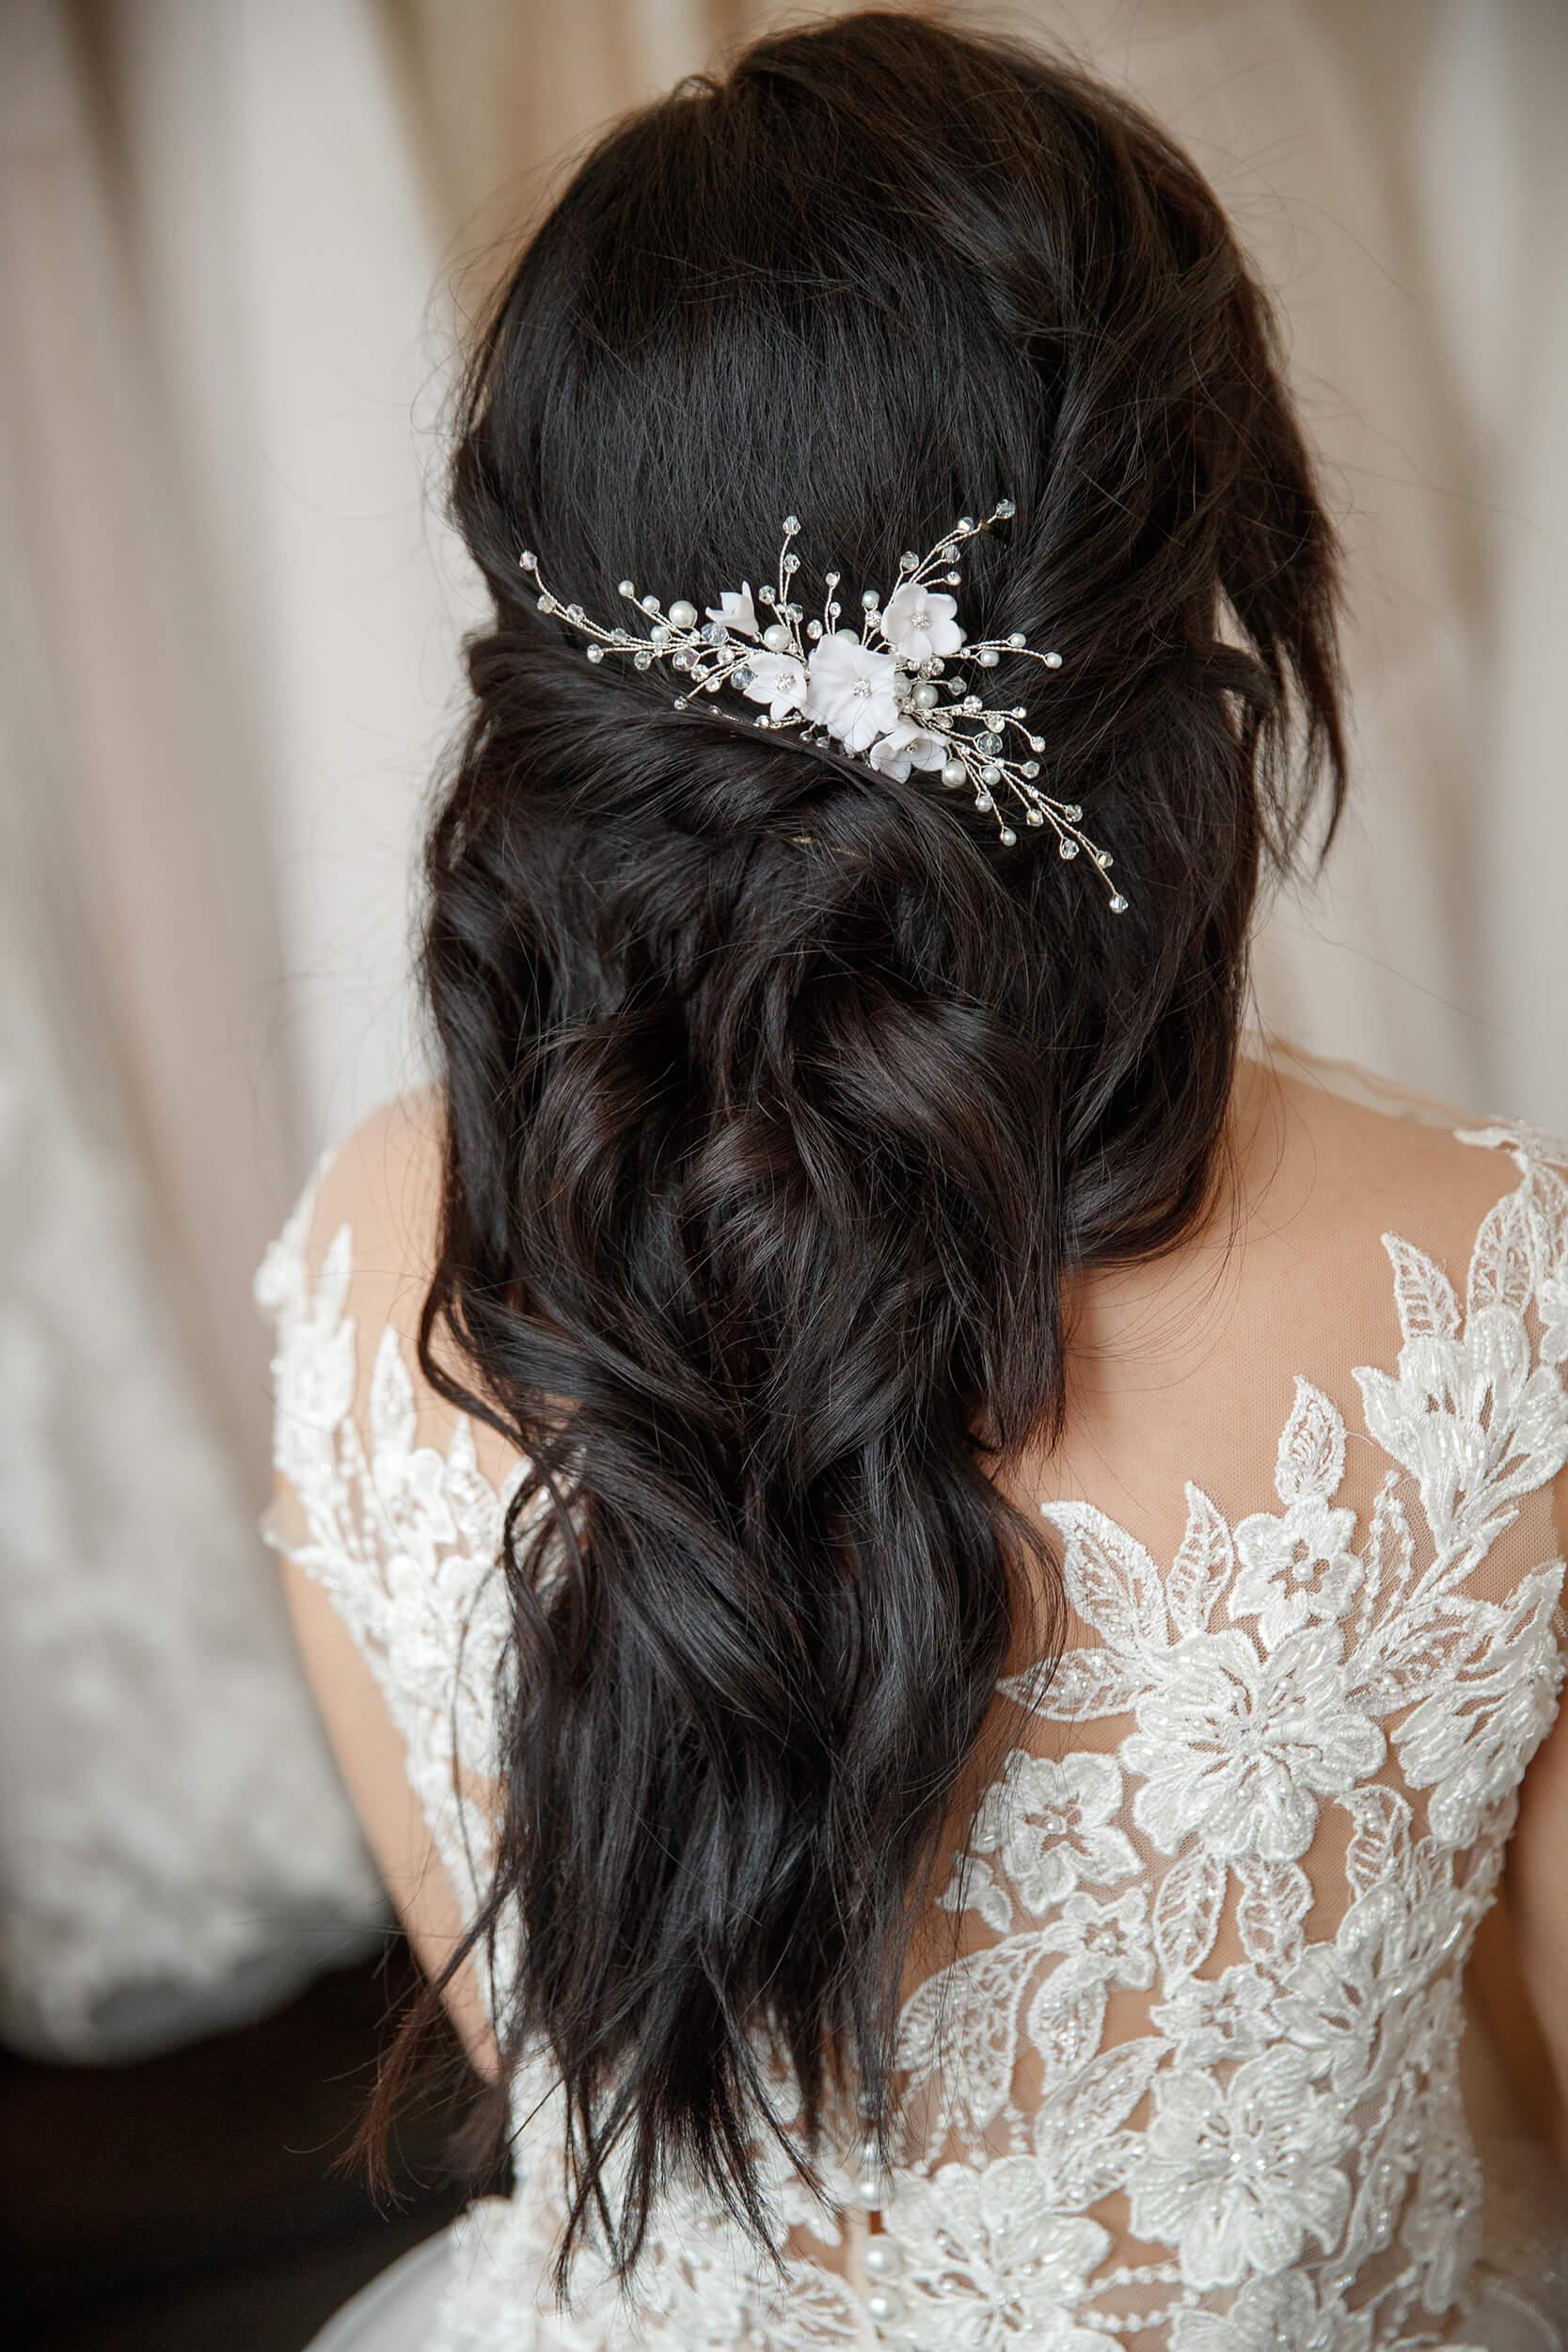 украшения ручной работы для волос(3) | Vero